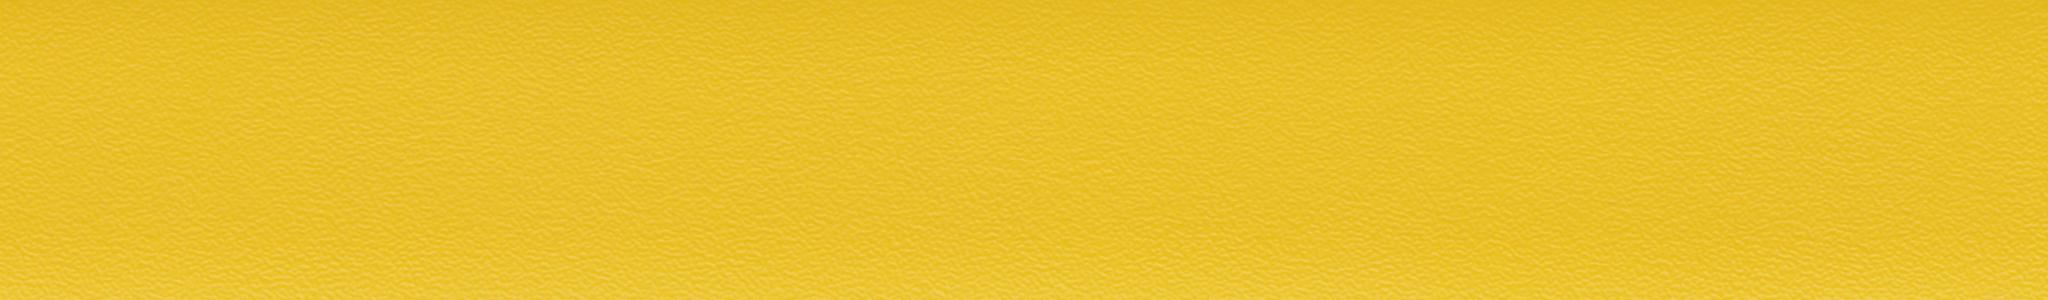 HU 11131 ABS hrana žlutá perla 101